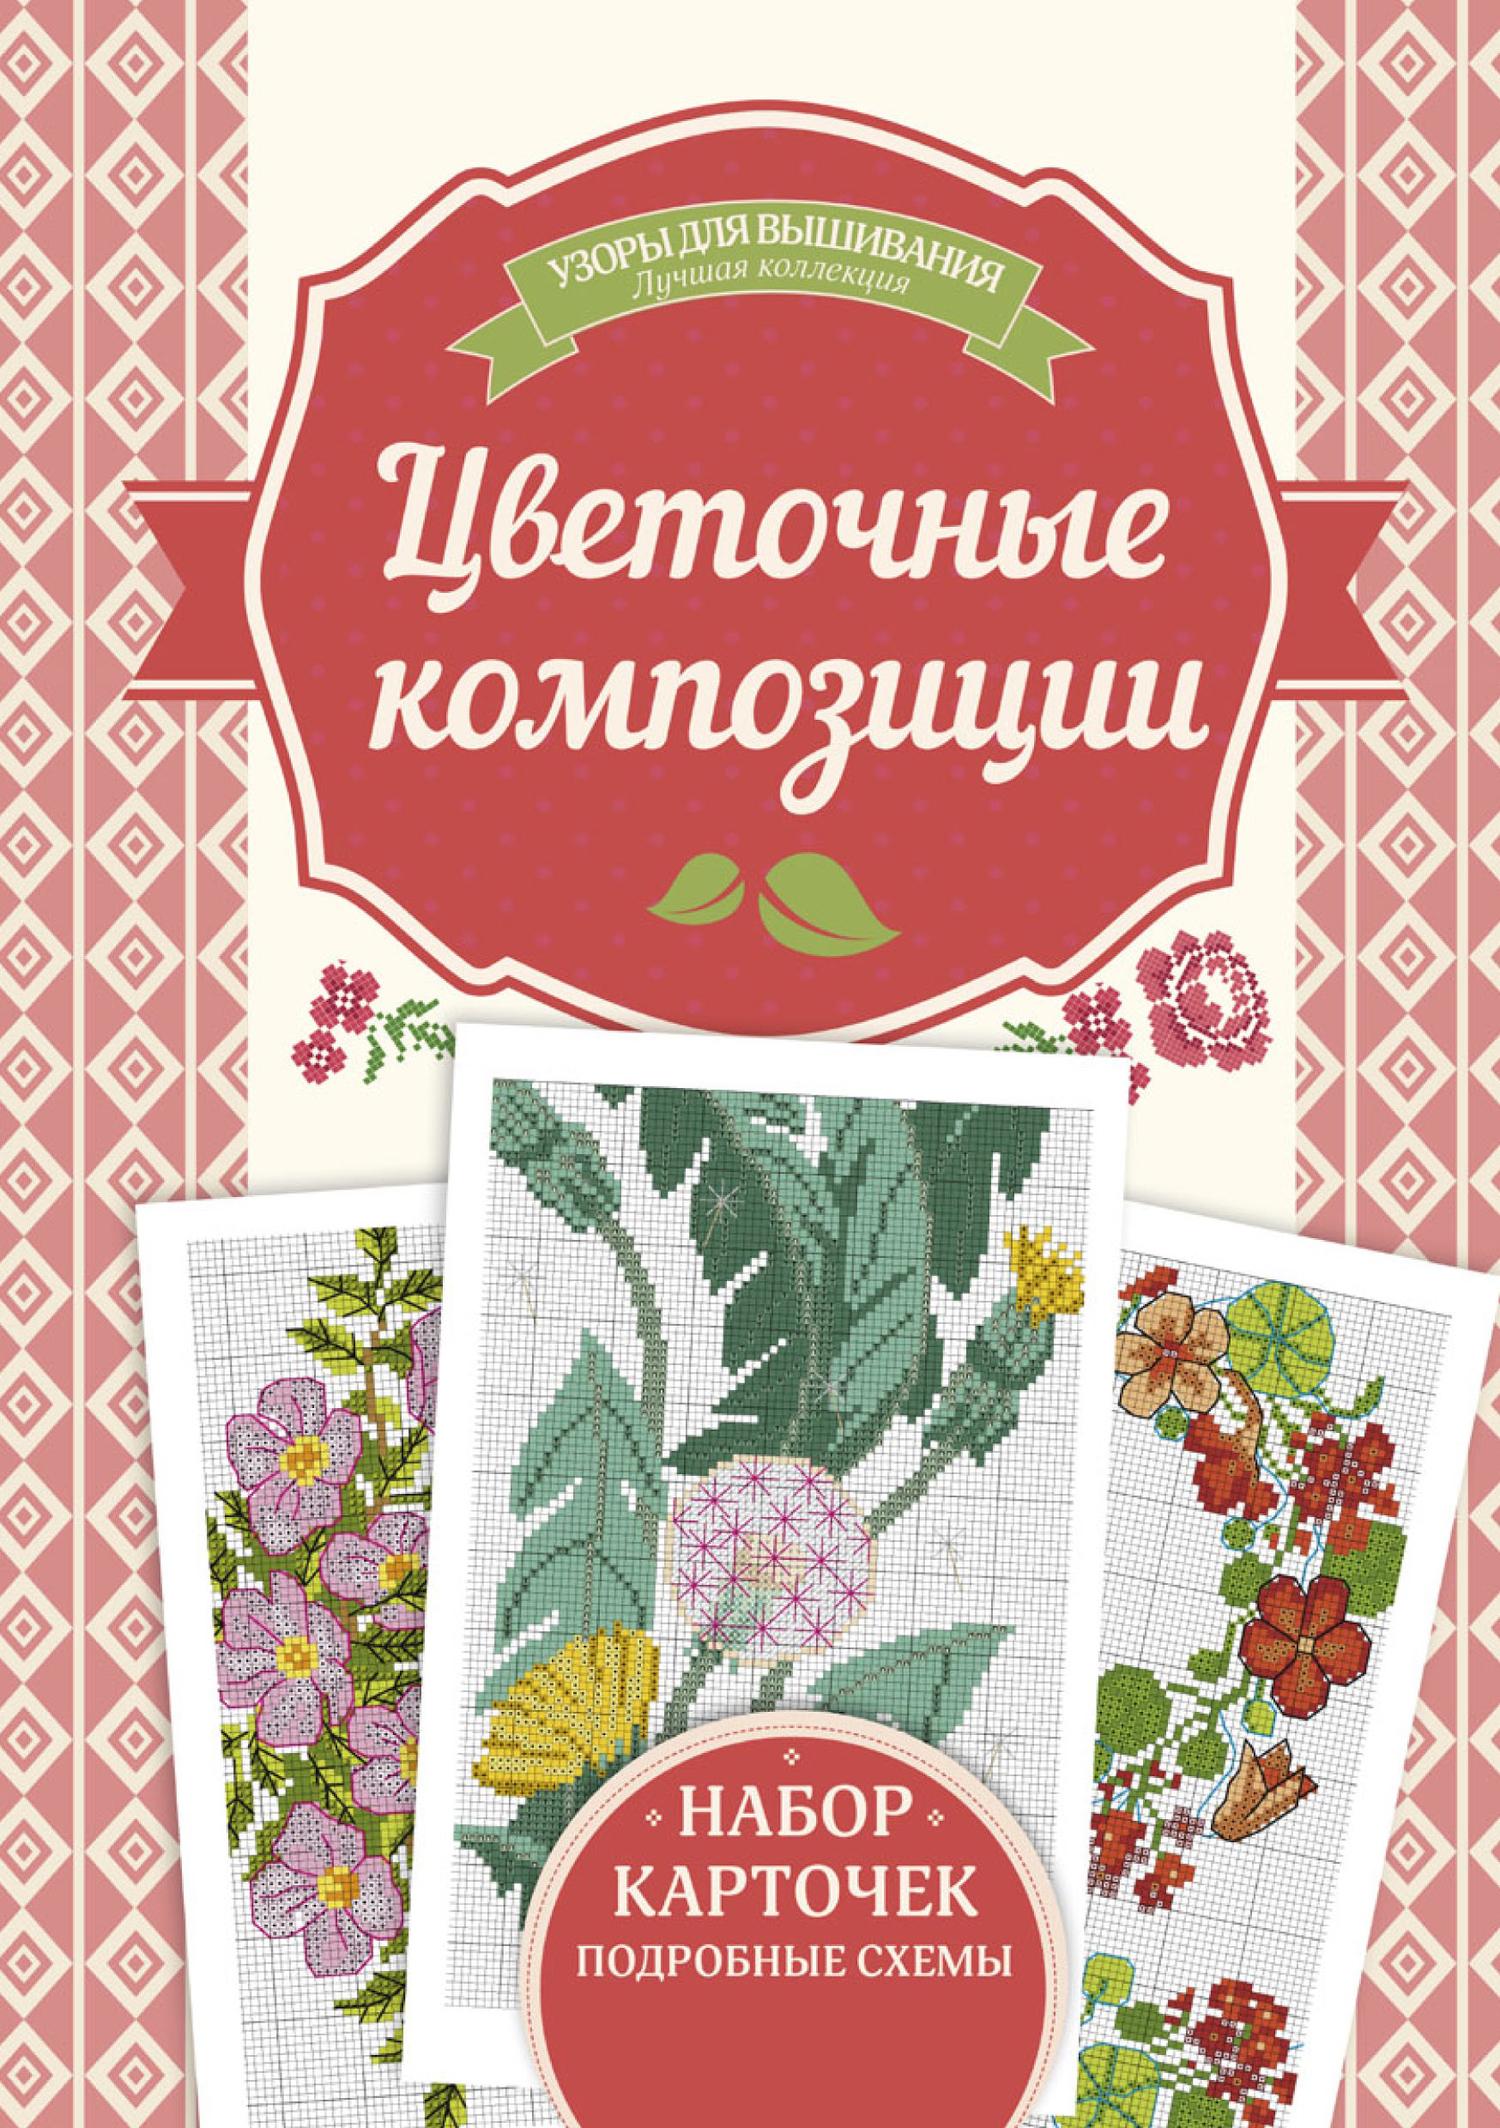 Ирина Наниашвили Цветочные композиции. Узоры для вышивания